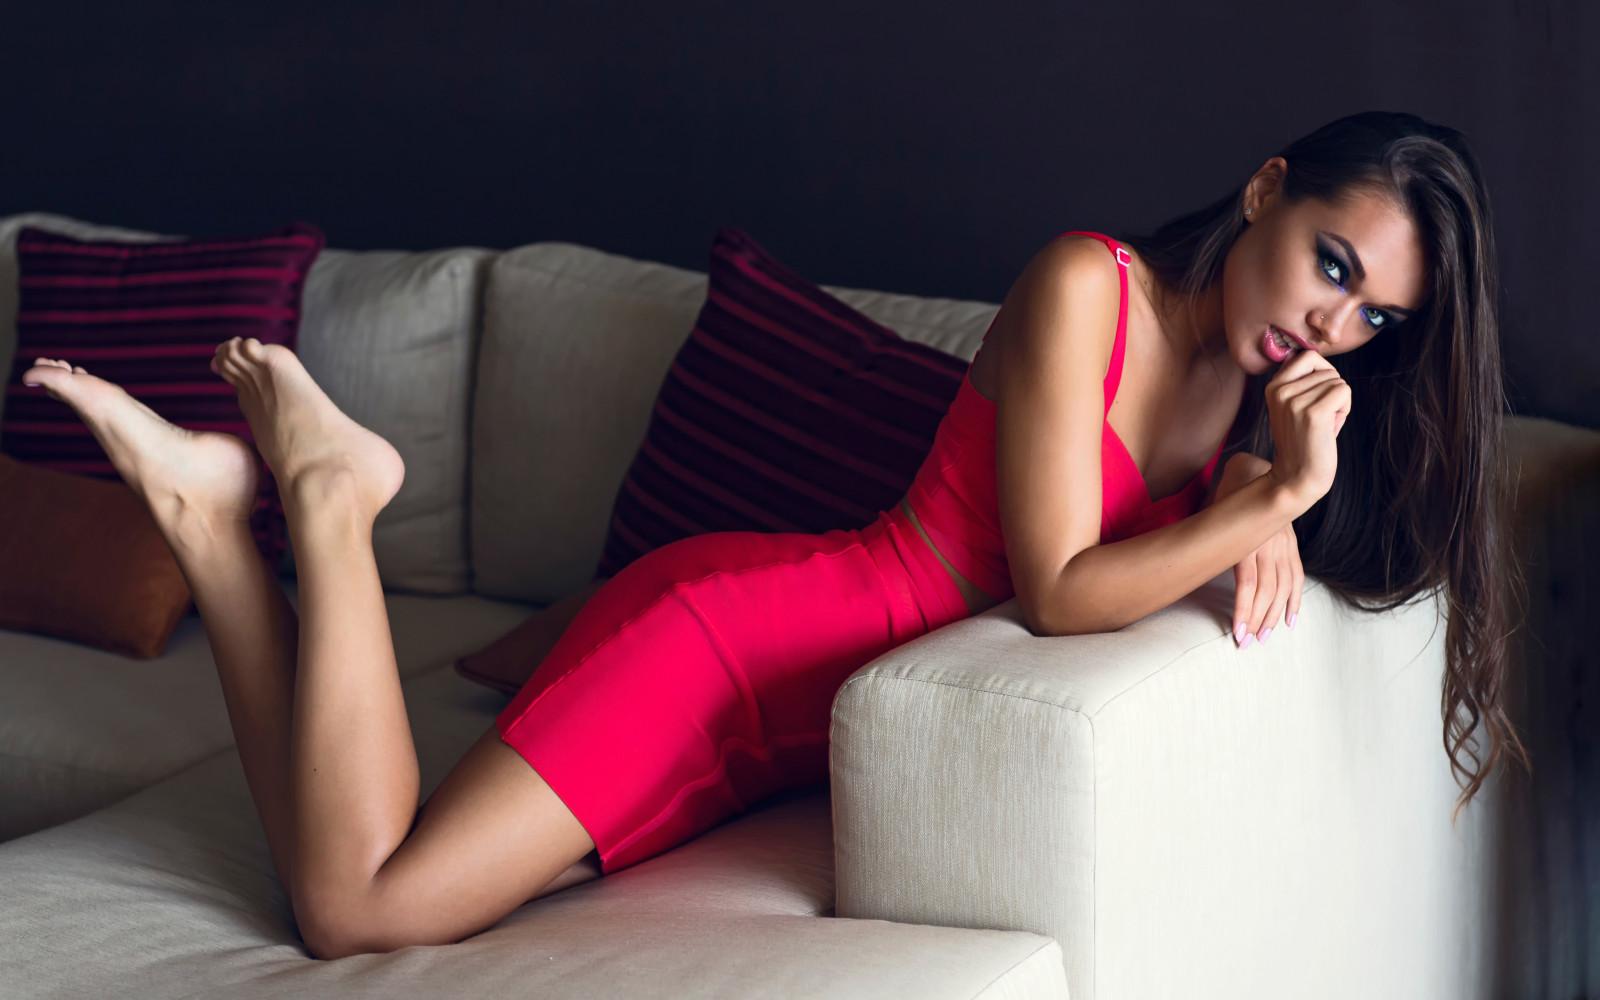 Накаченная девки красивые ножки видео порно